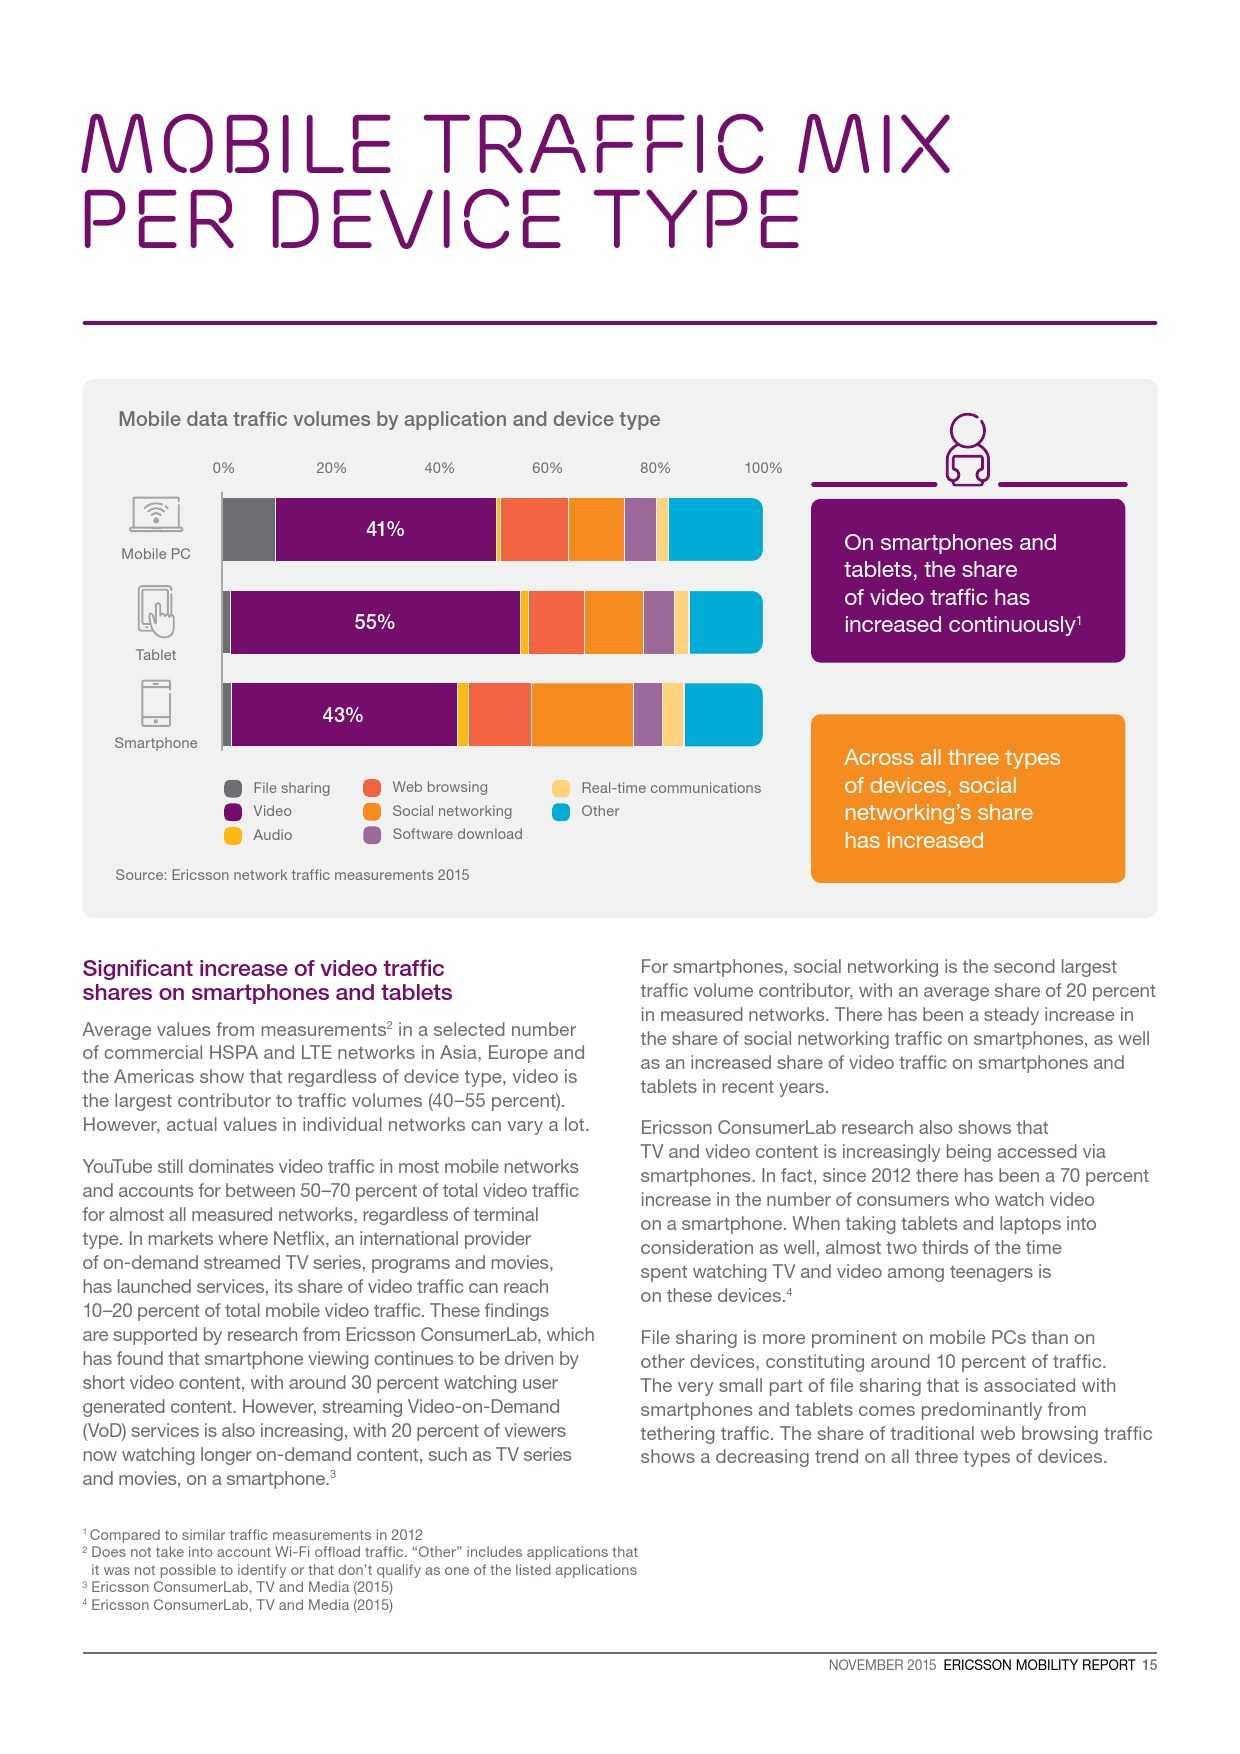 爱立信:2015年移动市场报告_000015